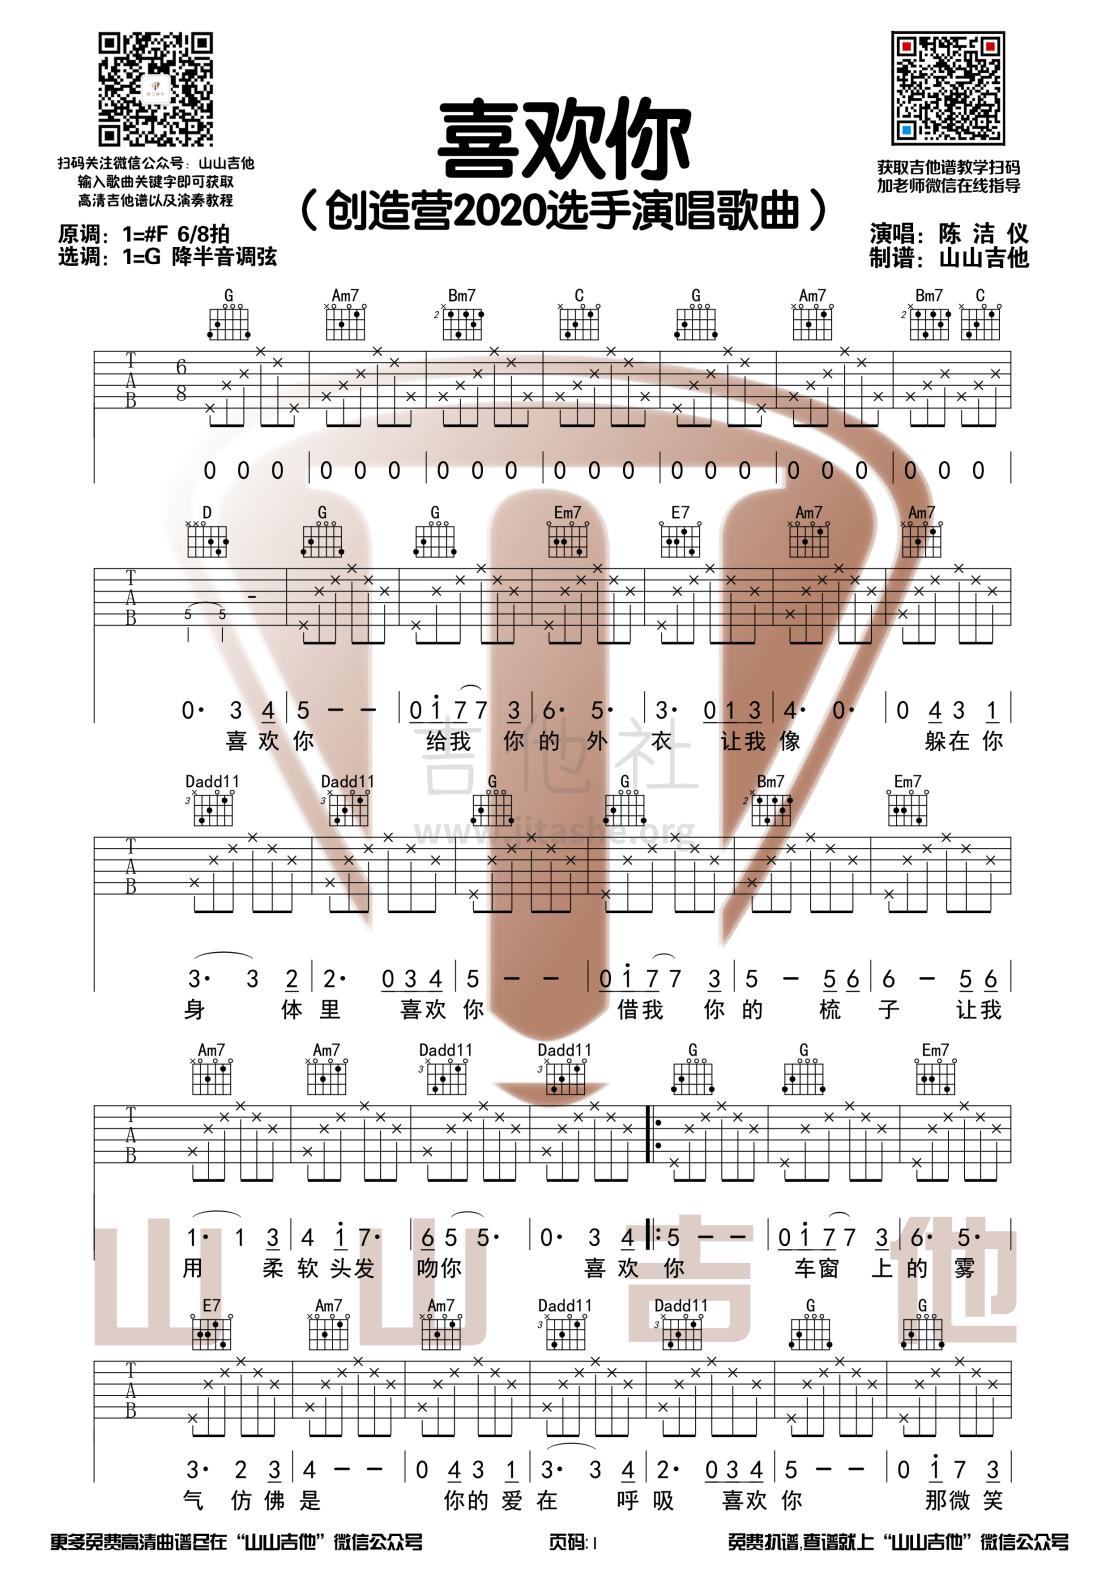 喜欢你(创造营2020 G调和弦吉他谱【山山吉他编配】)吉他谱(图片谱,弹唱)_陈洁仪_喜欢你陈洁仪1.png